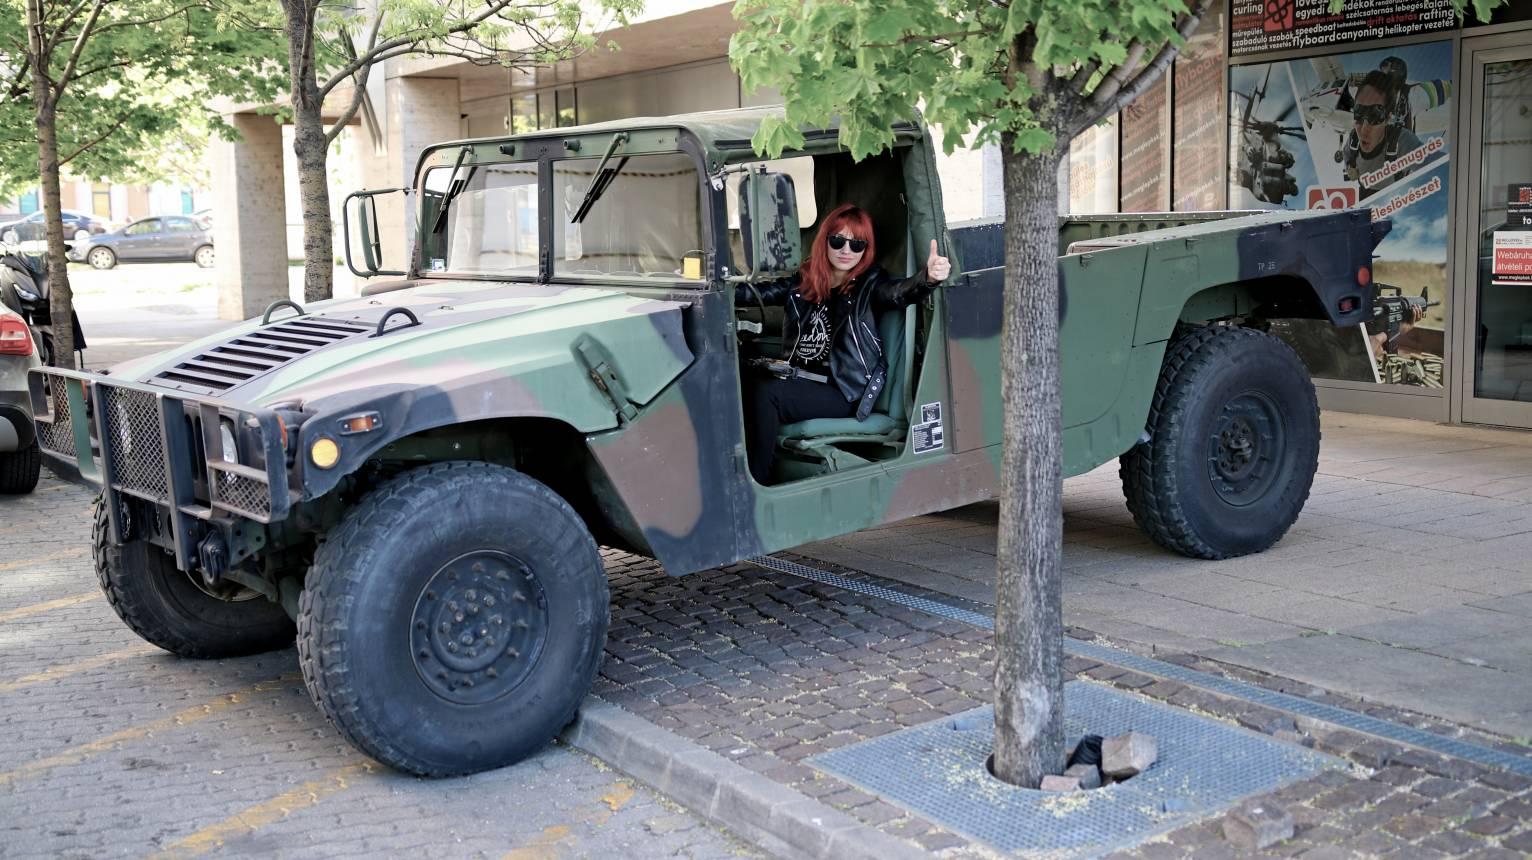 Gyerek álom utazni egy igazi katonai Humvee-ben